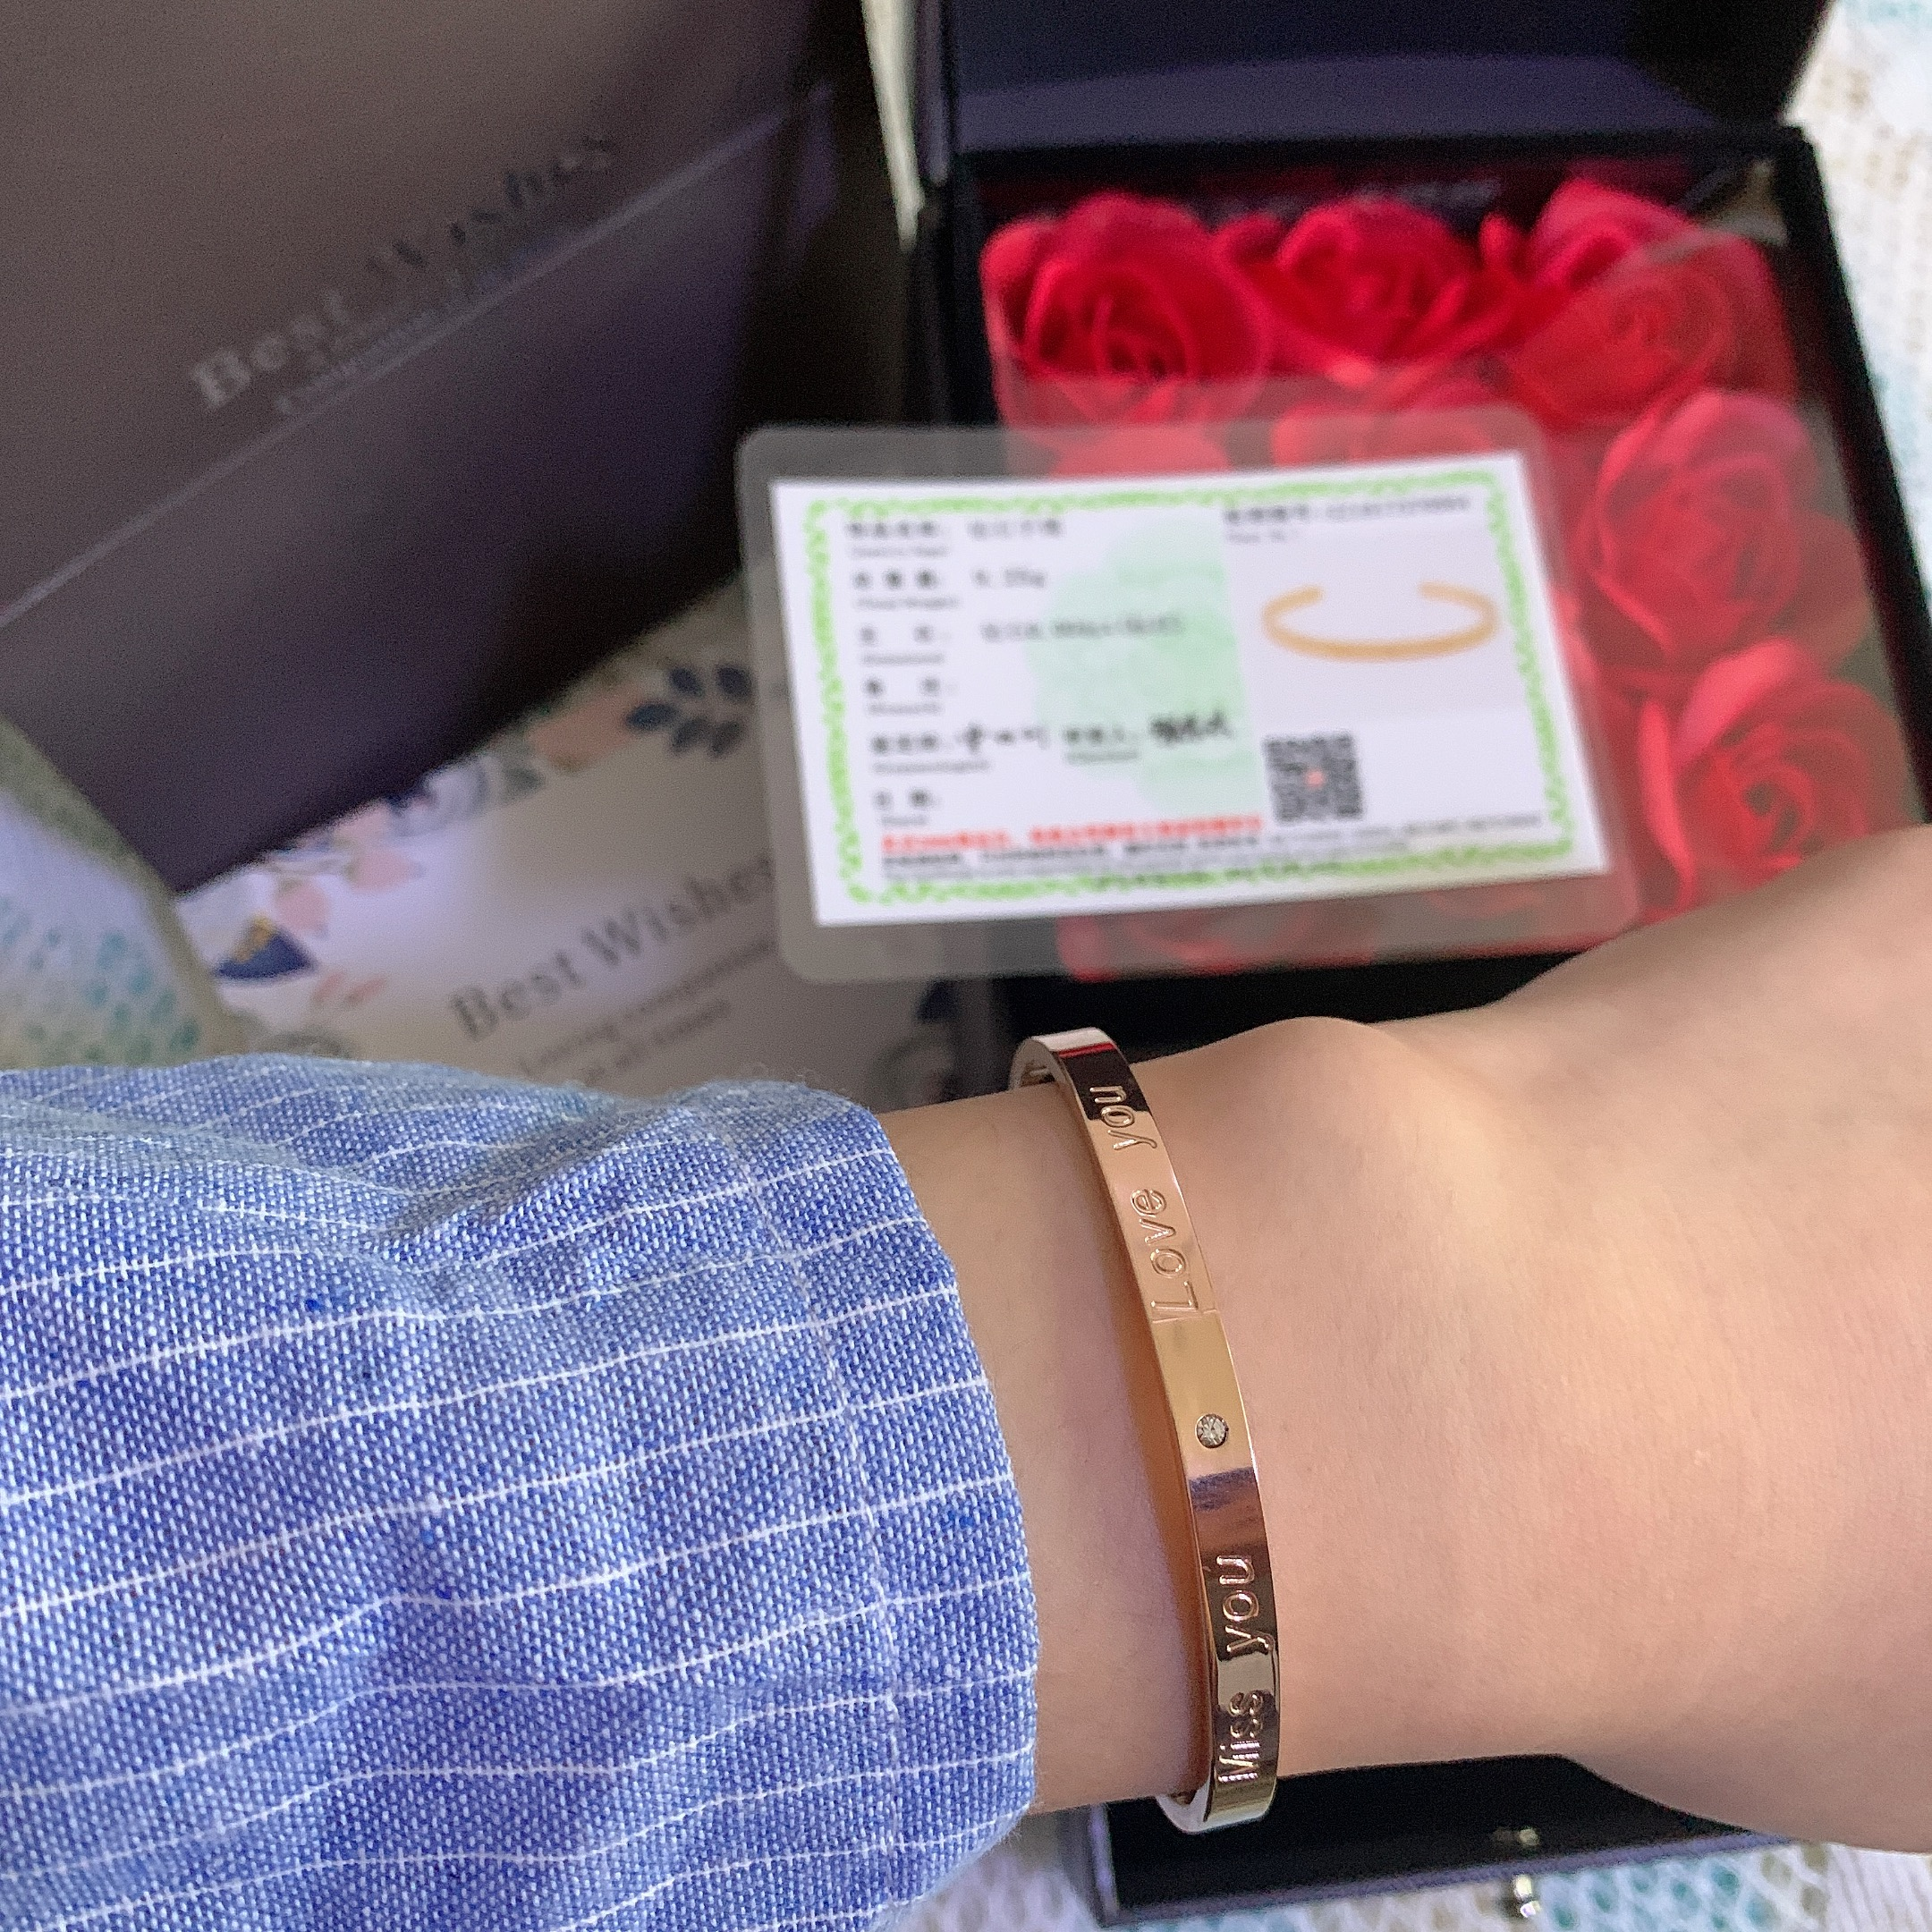 馨瑶国际新款钻石手镯玫瑰金色时尚手镯简约手链手饰男女情侣手镯